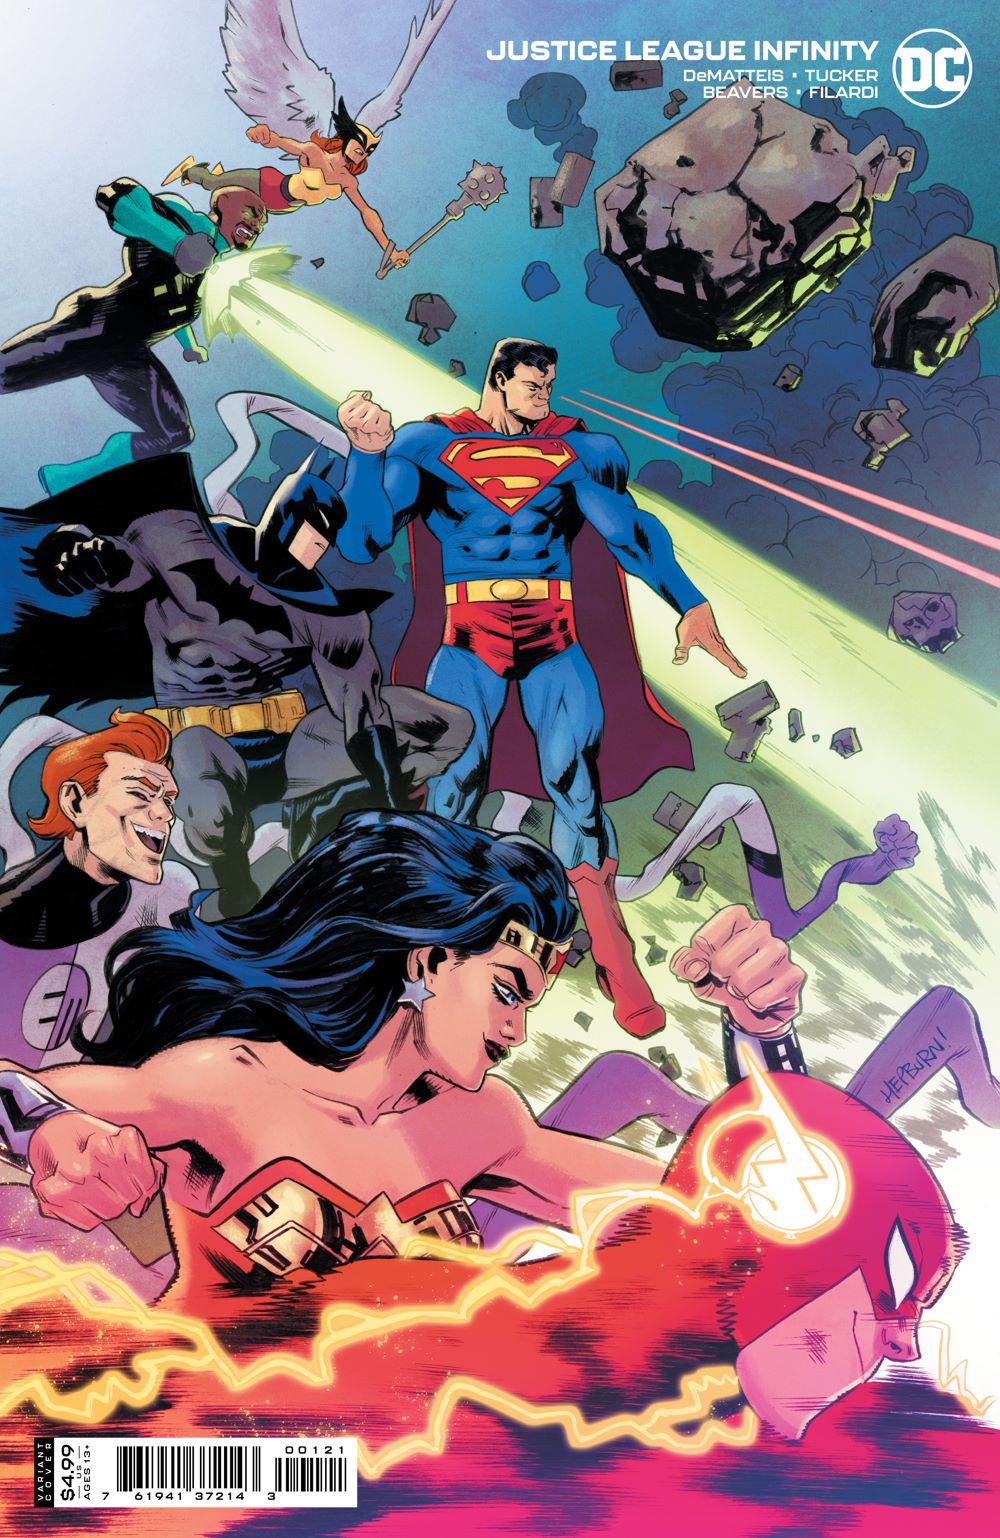 JLINFINITY_Cv1_var DC Comics July 2021 Solicitations